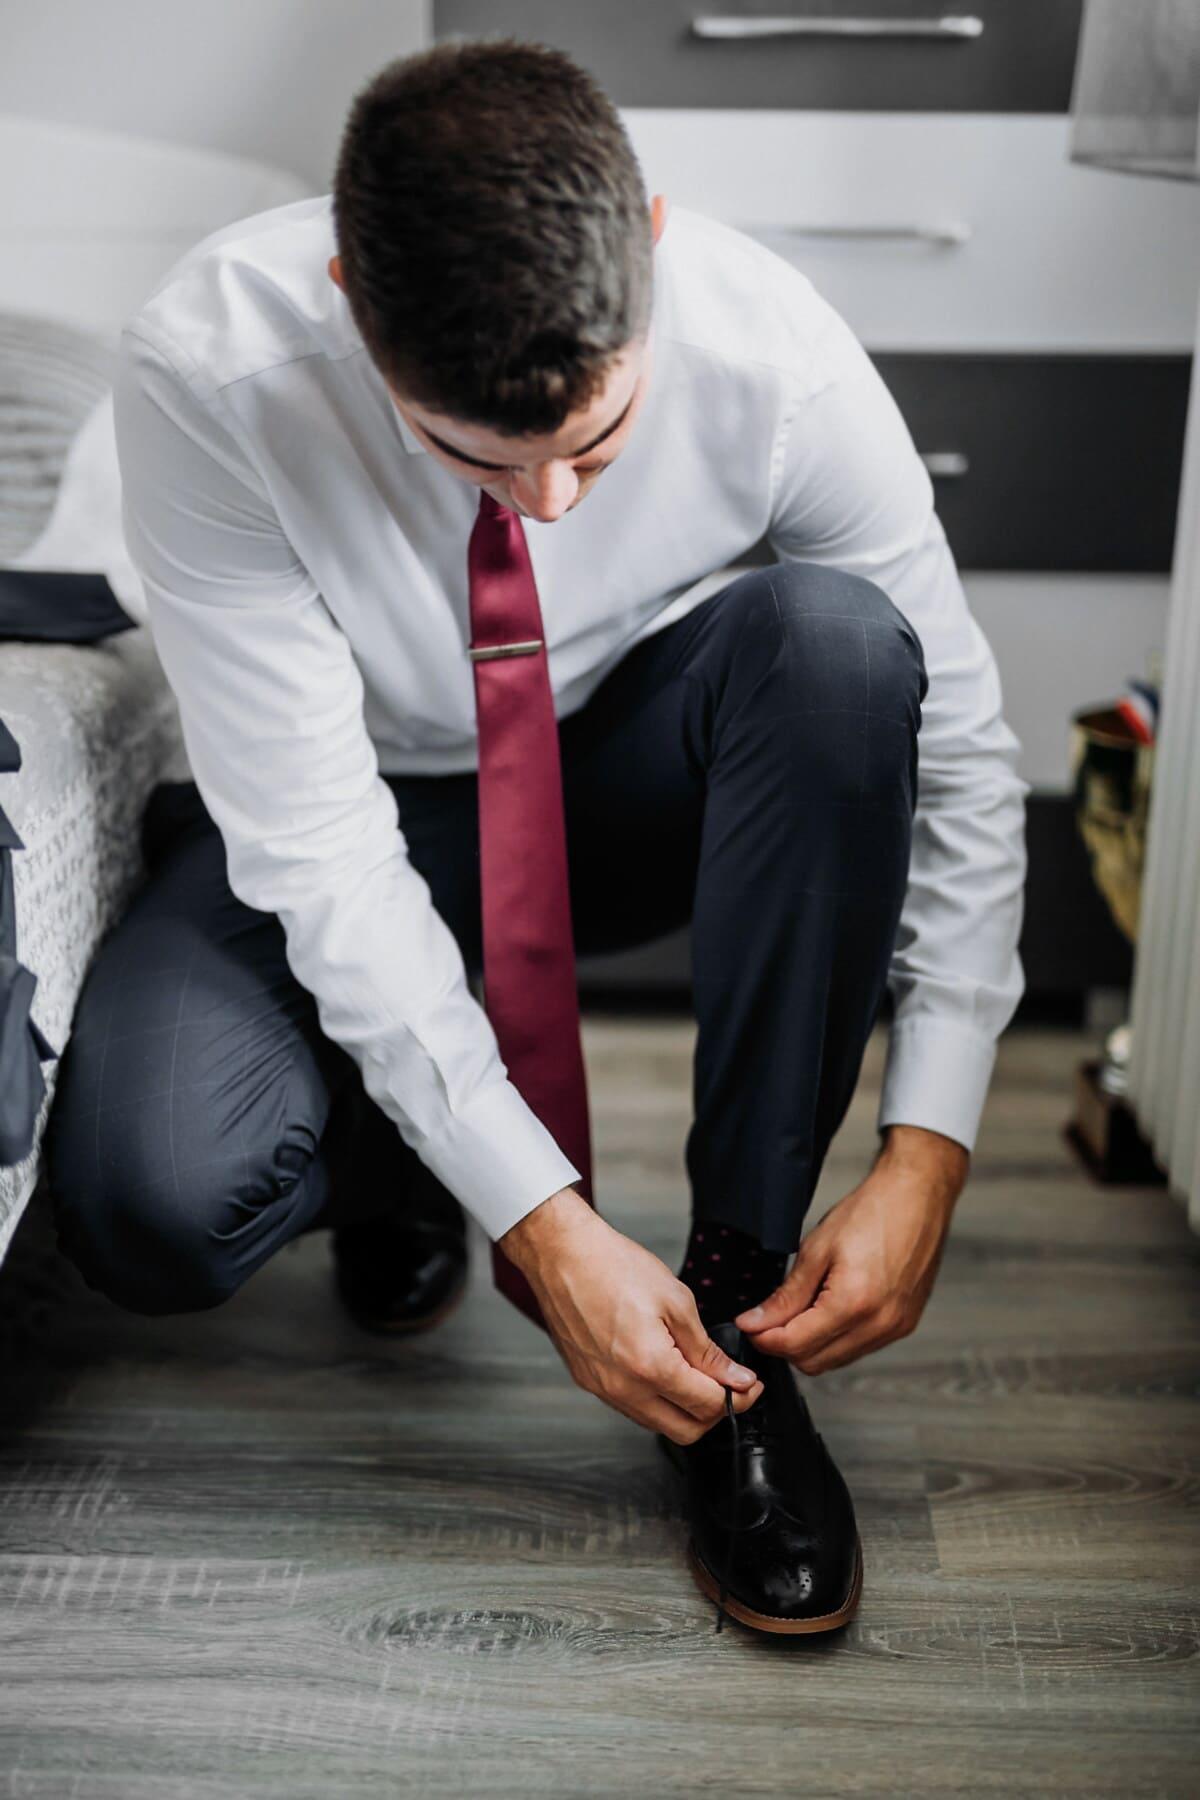 man, knee, floor, bedroom, shoes, tuxedo suit, tie, bed, shoelace, manager